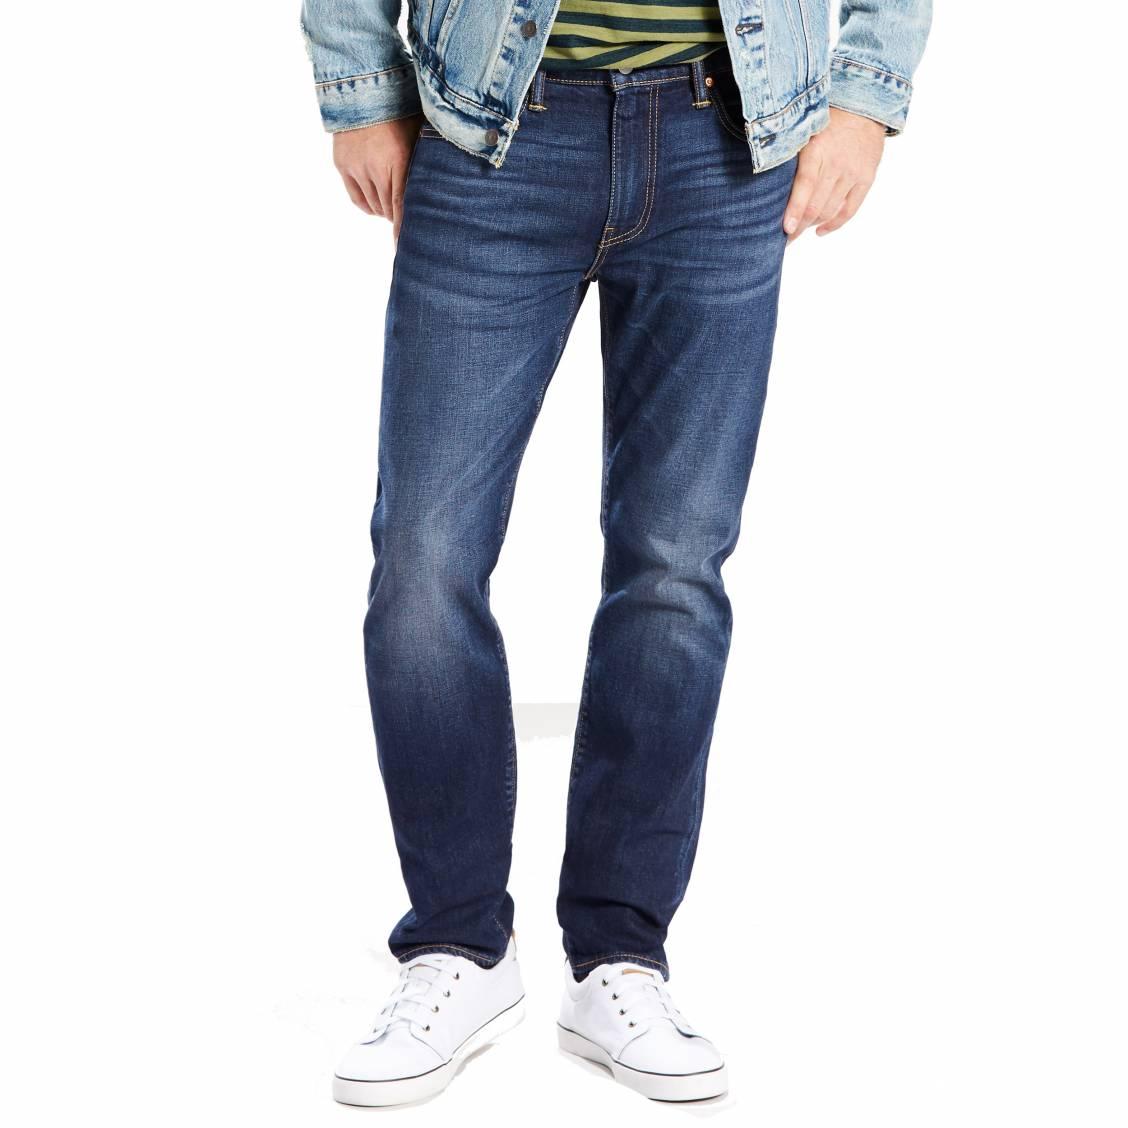 7201261d3bdea ... Fit Stretch City Park Jeans BLEU Levi s homme Jeans Levi s homme. Jean  Levi s 502 Regular Taper City Park ...